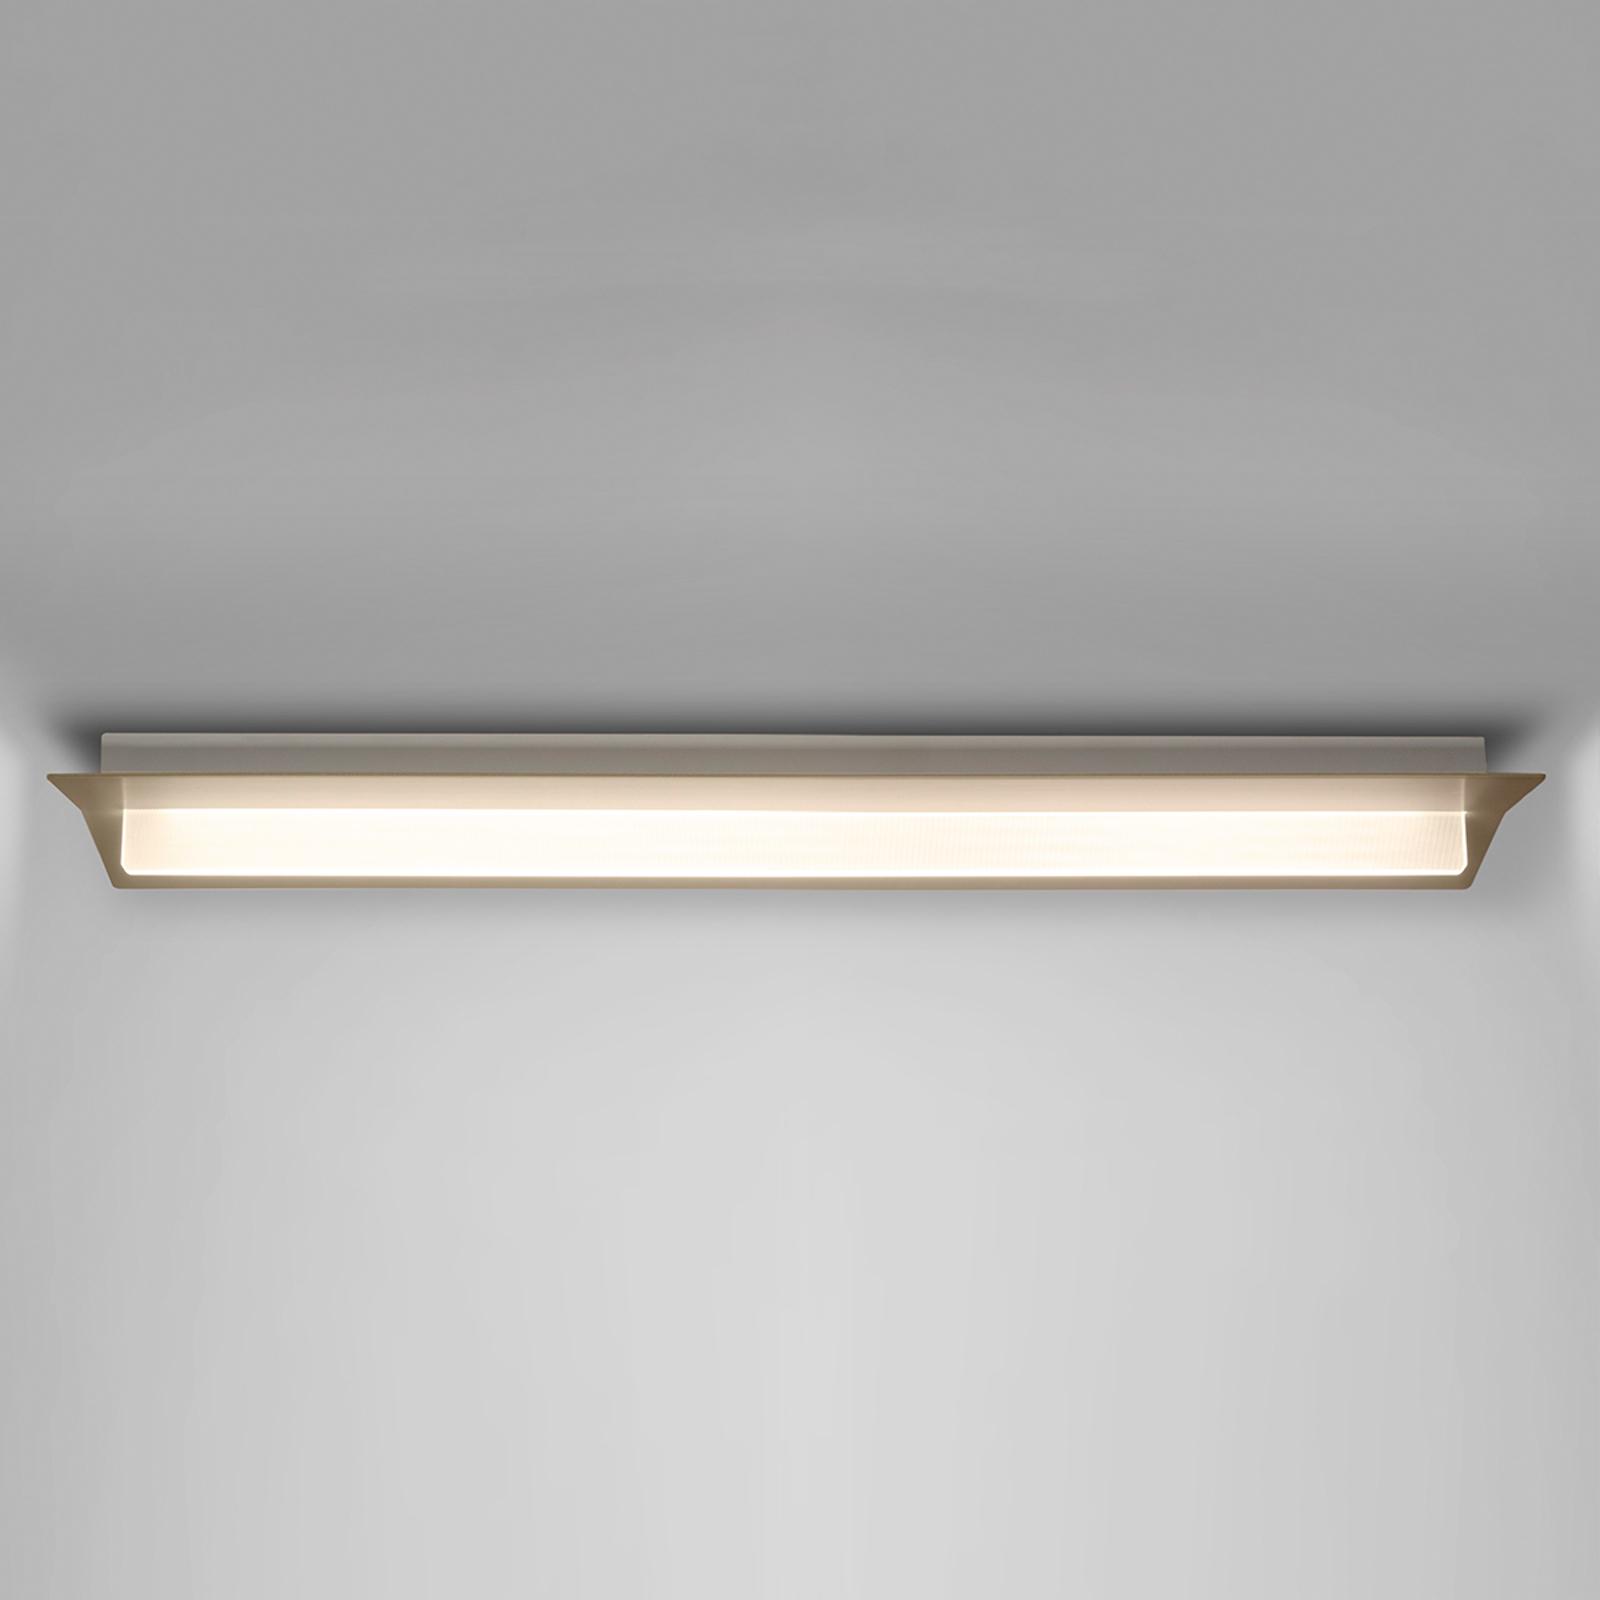 LED-Deckenleuchte Flurry, 100 cm, bronze